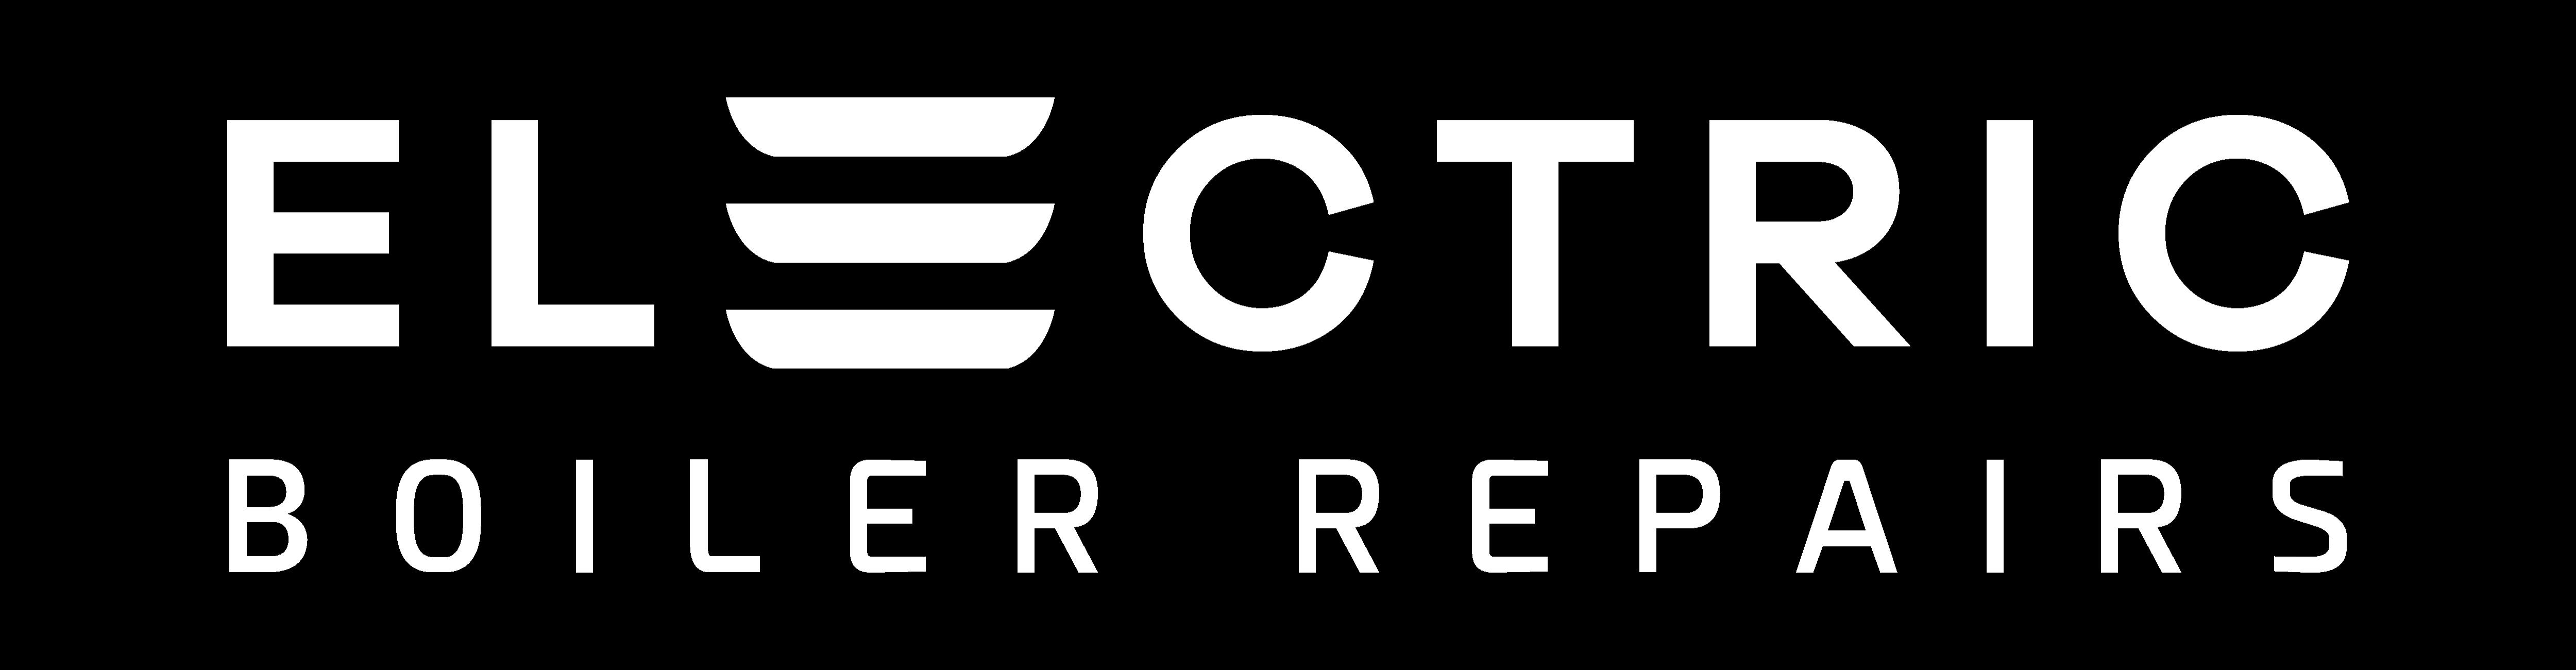 electric boiler repairs logo white